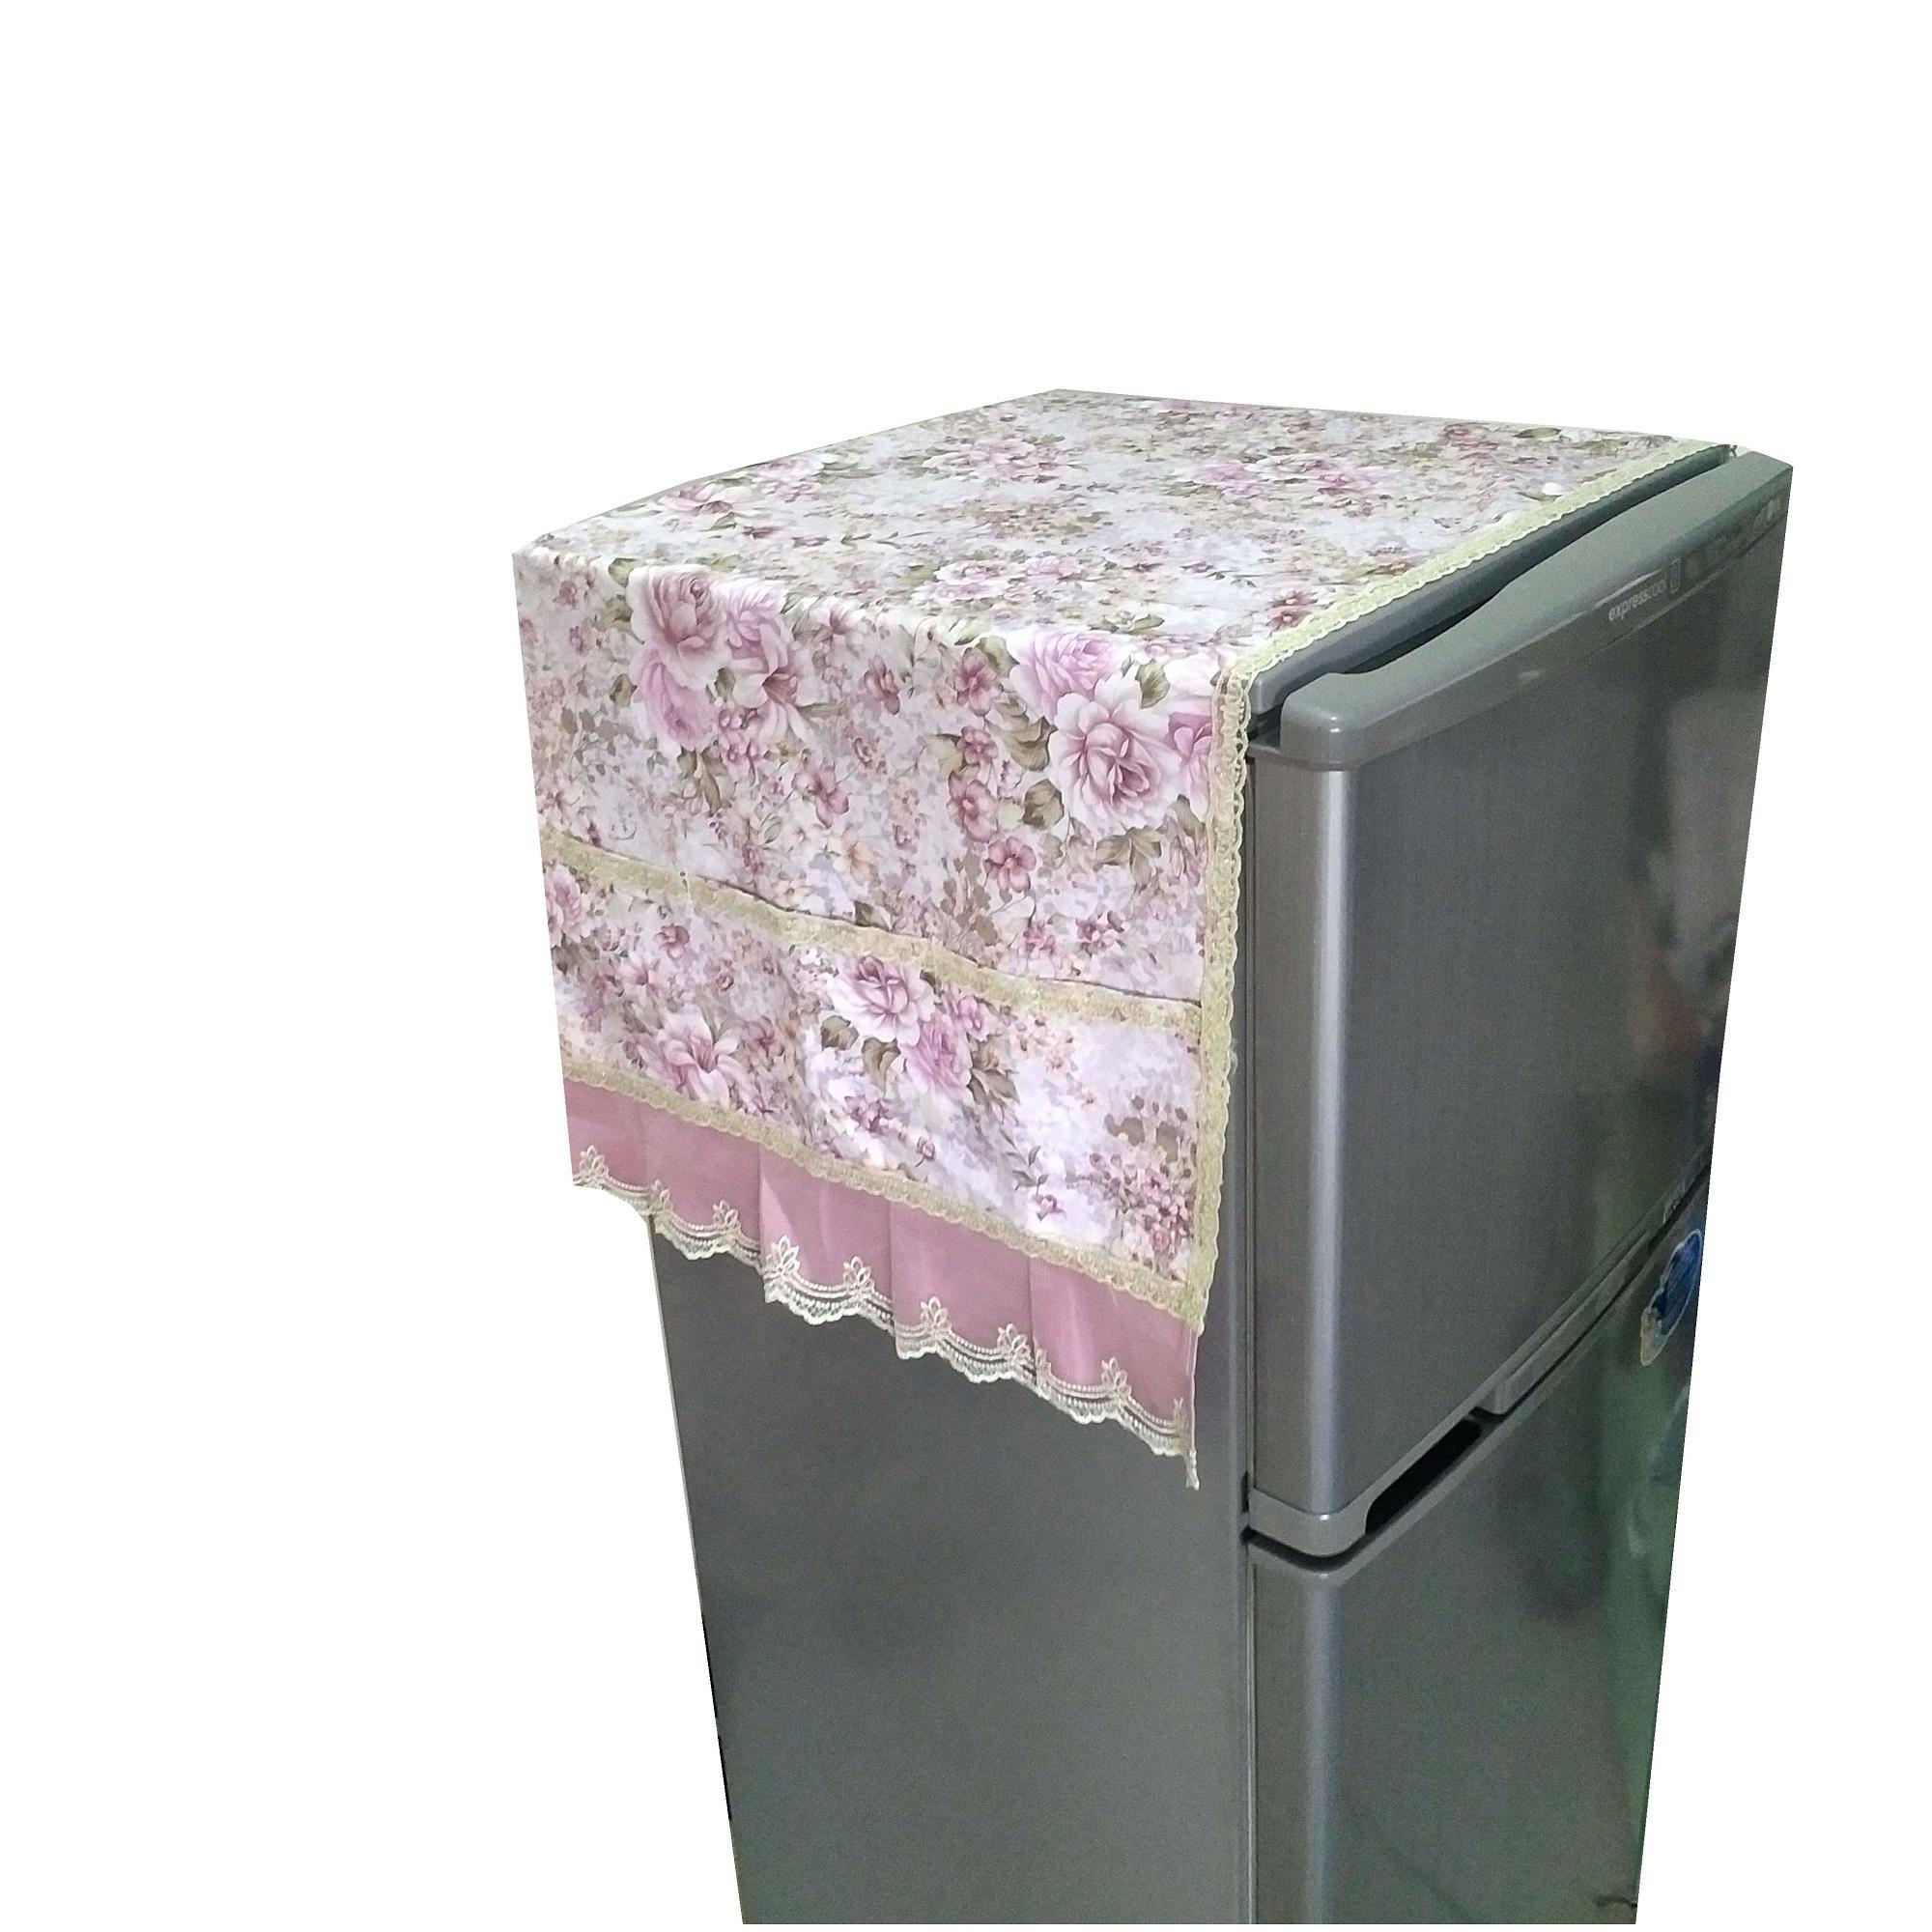 Tren-D-home - Fridge Cover / Tutup Kulkas 130 cm x 55 cm - Pink QS02